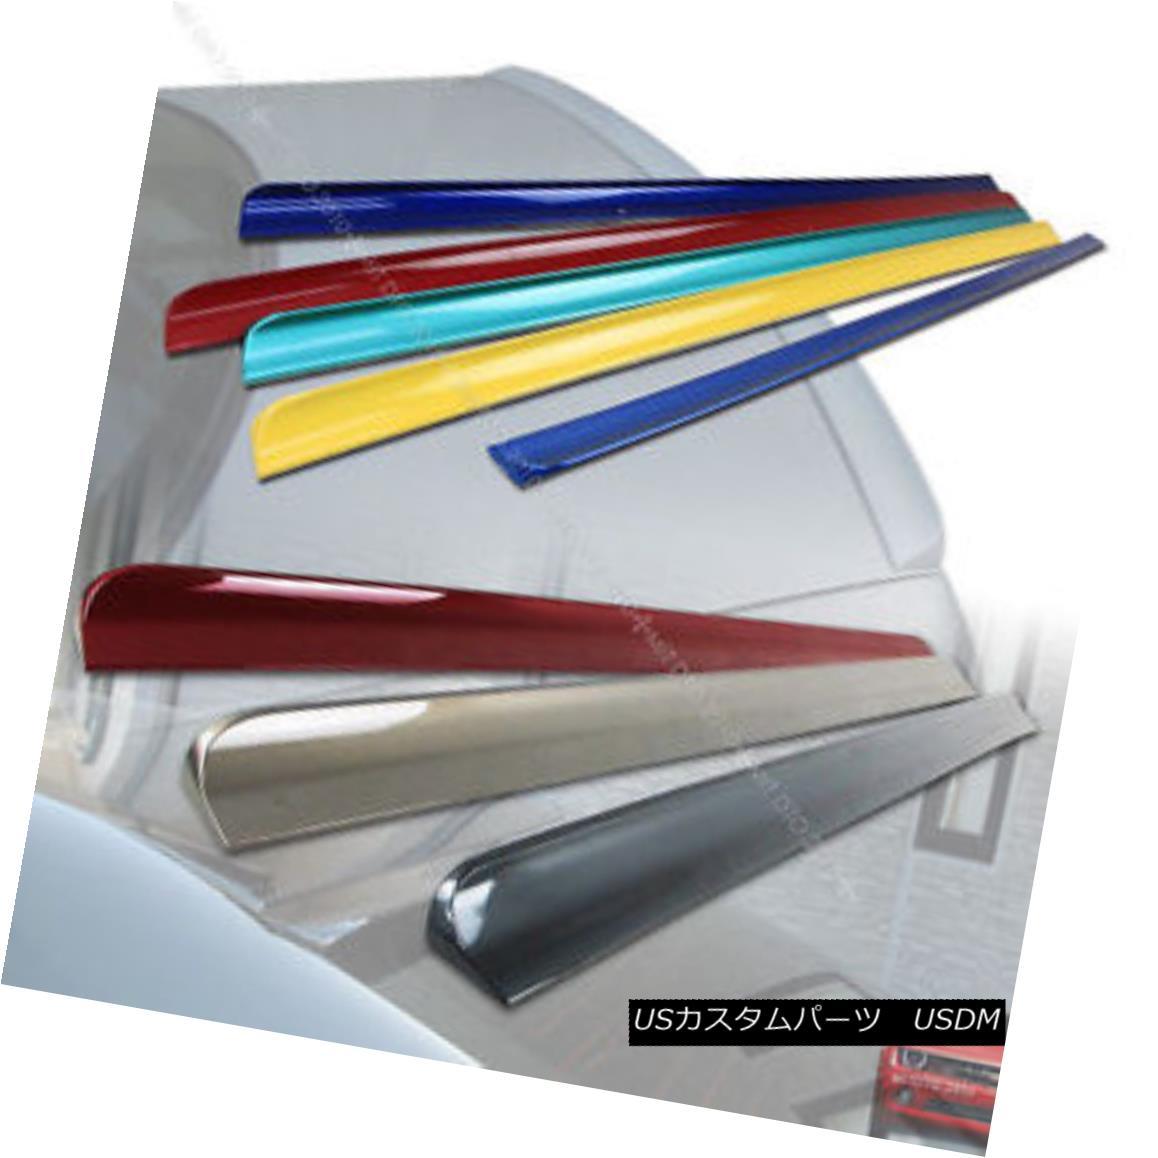 エアロパーツ Painted FOR LEXUS ES350 ES240 XV40 Sedan Rear Roof Spoiler +Trunk Lip Spoiler§ 塗装済みレクサスES350 ES240 XV40セダンリアルーフスポイラー+トランクリップスポイラー